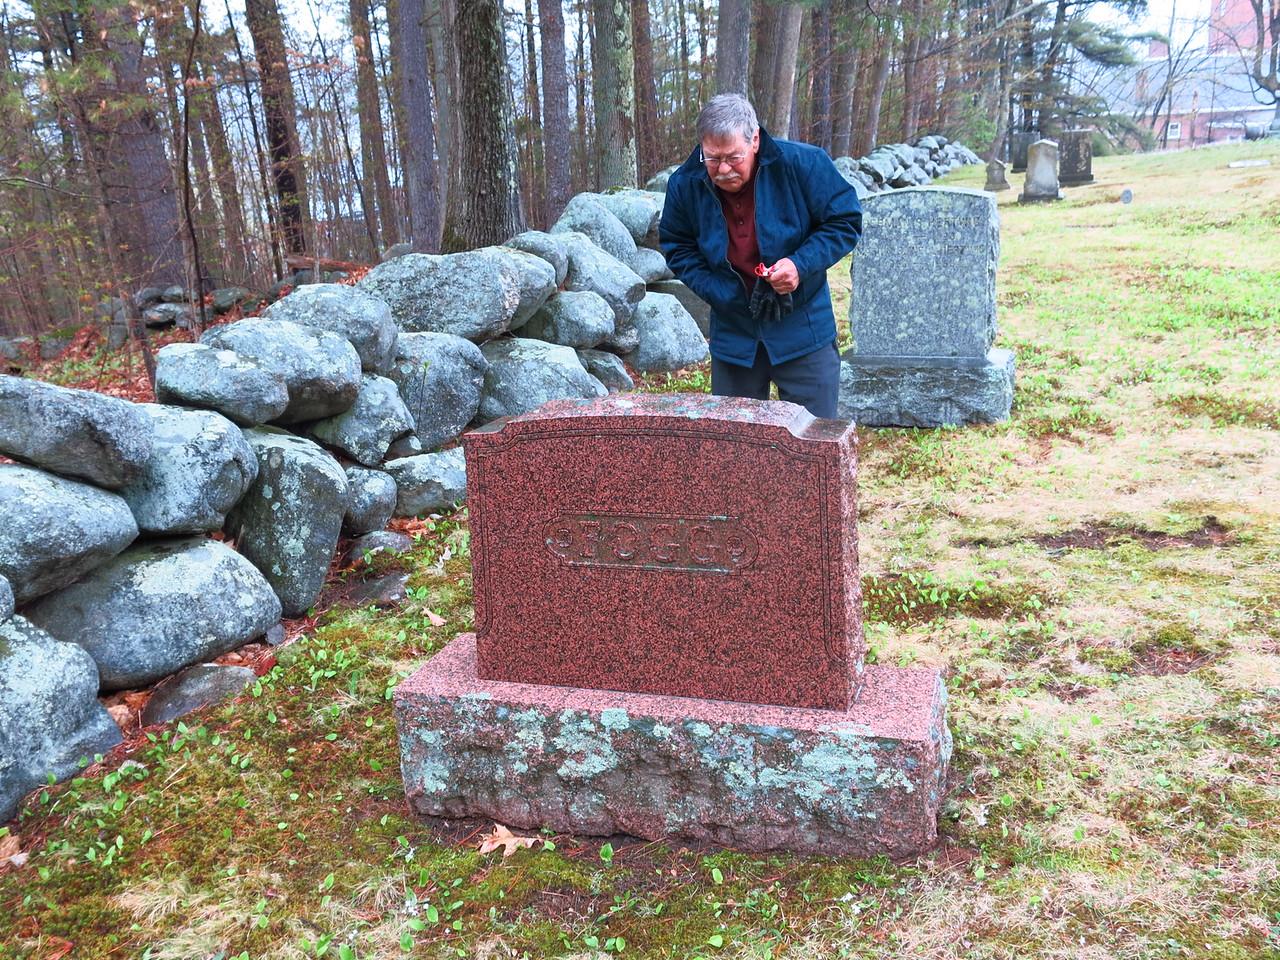 Willis reading the headstone